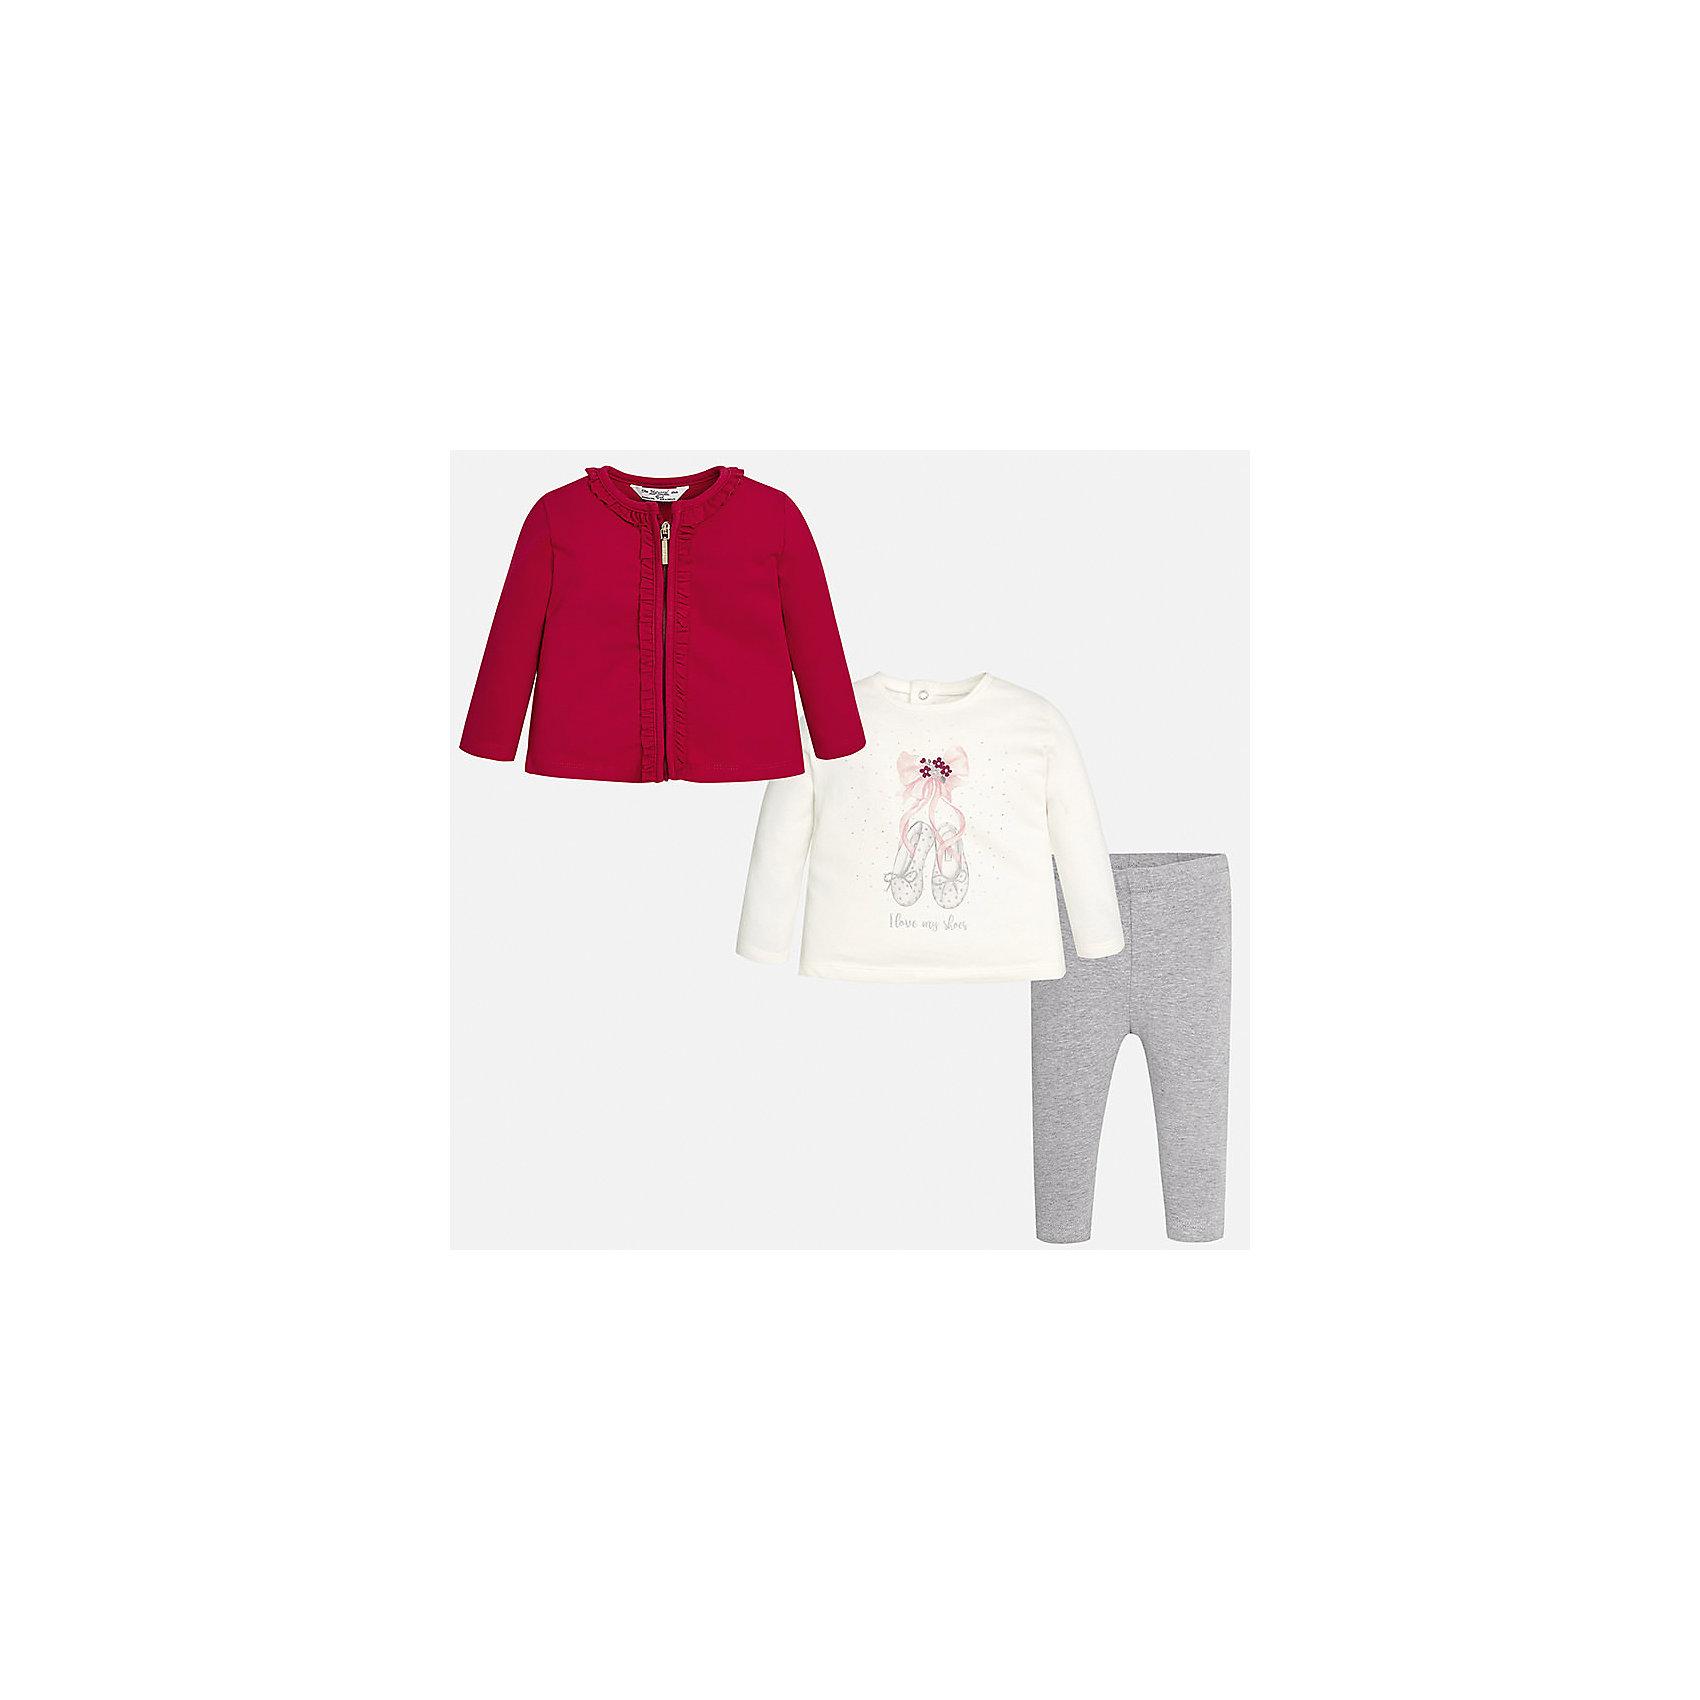 Комплект: жакет, футболка с длинным рукавом и леггинсы Mayoral для девочкиКомплекты<br>Характеристики товара:<br><br>• цвет: красный<br>• состав ткани: 92% хлопок, 8% эластан<br>• комплект: жакет, лонгслив и леггинсы<br>• сезон: демисезон<br>• особенности: принт<br>• пояс: резинка<br>• длинные рукава<br>• застежка: кнопки, молния<br>• страна бренда: Испания<br>• страна изготовитель: Индия<br><br>Этот детский комплект из жакета, лонгслива и леггинсов подойдет для любых мероприятий. Отличный способ обеспечить ребенку комфорт - надеть детские жакет, лонгслив и леггинсы от Mayoral. Детские леггинсы сшиты из приятного на ощупь материала. Жакет и лонгслив для девочки удобно сидят по фигуре. <br><br>Комплект: жакет, лонгслив и леггинсы для девочки Mayoral (Майорал) можно купить в нашем интернет-магазине.<br><br>Ширина мм: 123<br>Глубина мм: 10<br>Высота мм: 149<br>Вес г: 209<br>Цвет: красный<br>Возраст от месяцев: 24<br>Возраст до месяцев: 36<br>Пол: Женский<br>Возраст: Детский<br>Размер: 98,92,74,80,86<br>SKU: 6920398